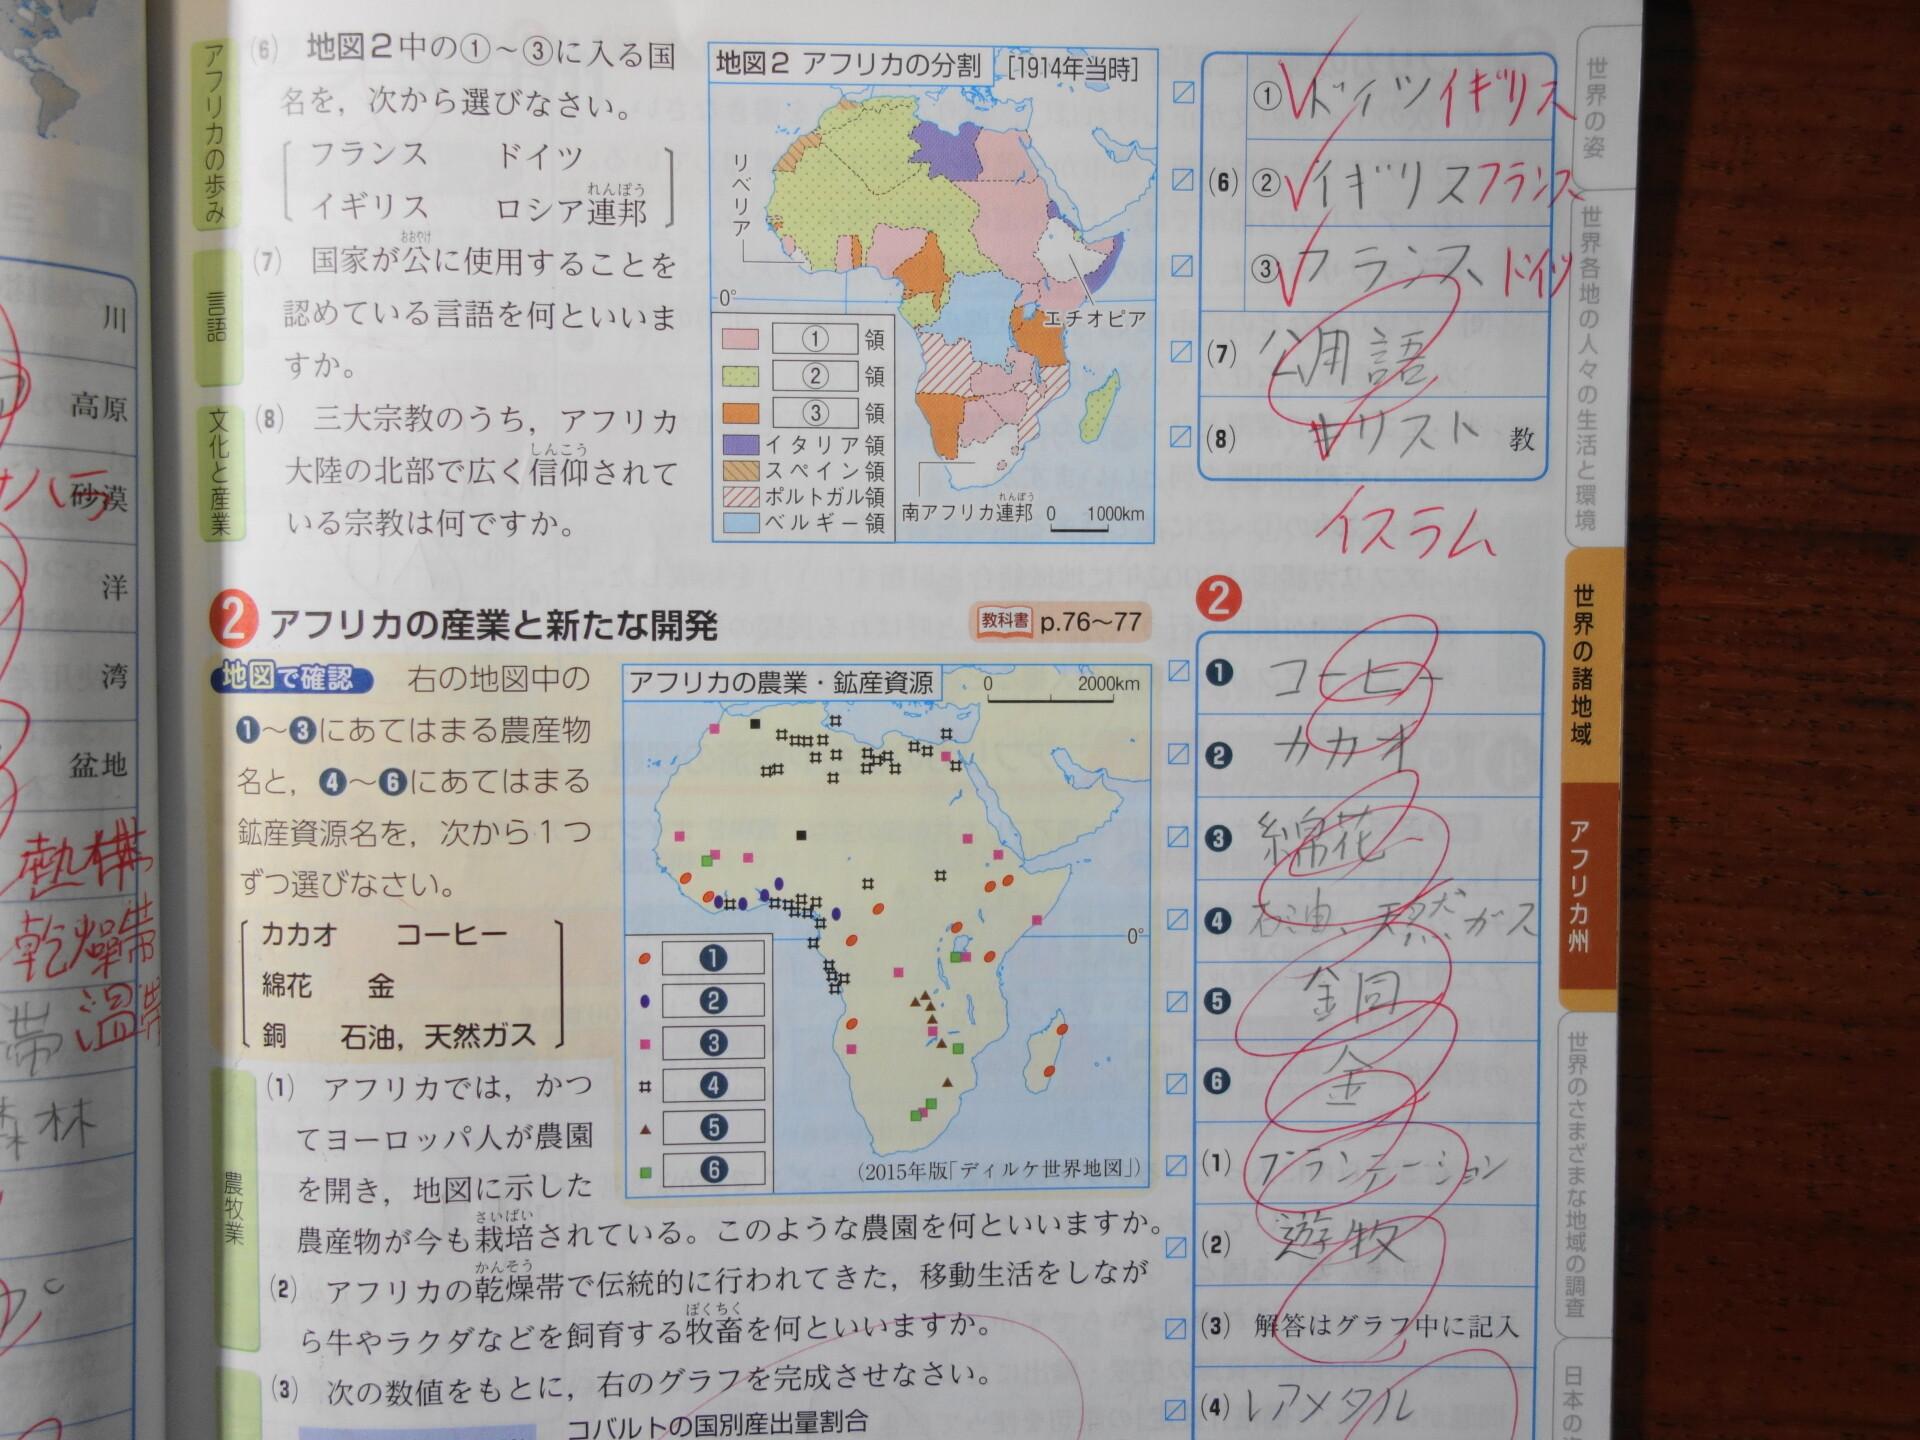 書き込みのある地理のワーク